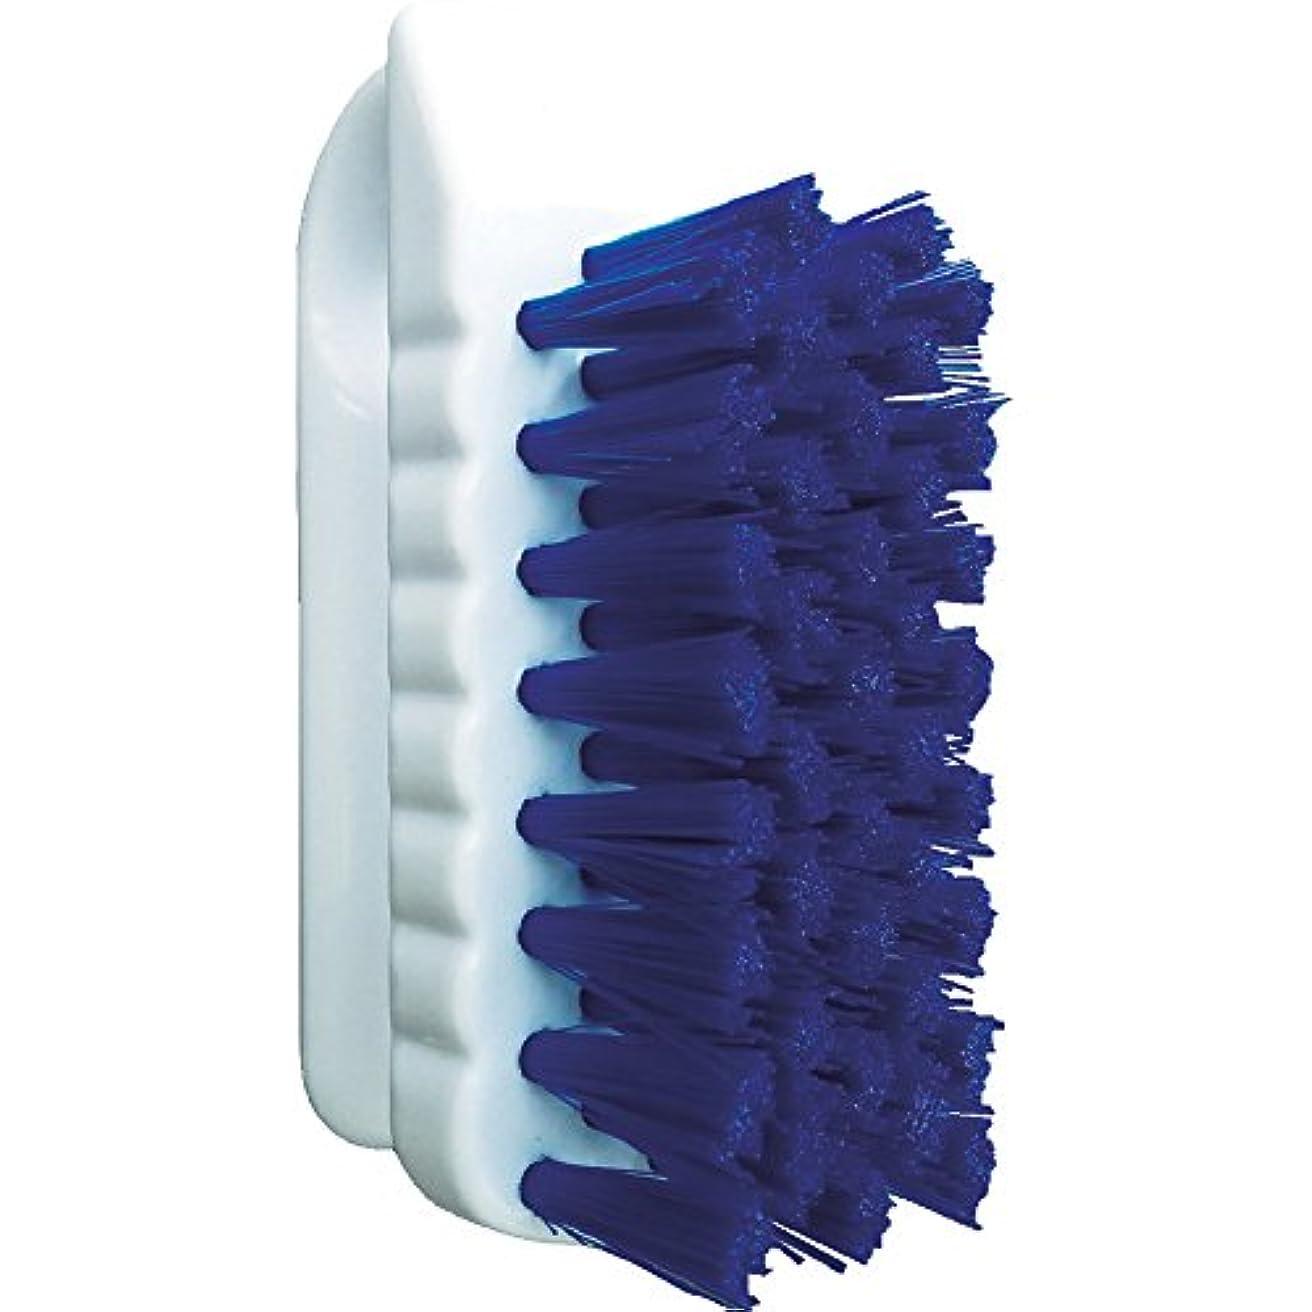 メガロポリスカレッジ発表するバーテック バーキュート 私の爪ブラシ 青 BCN-B 61700201 つめ除菌ブラシ